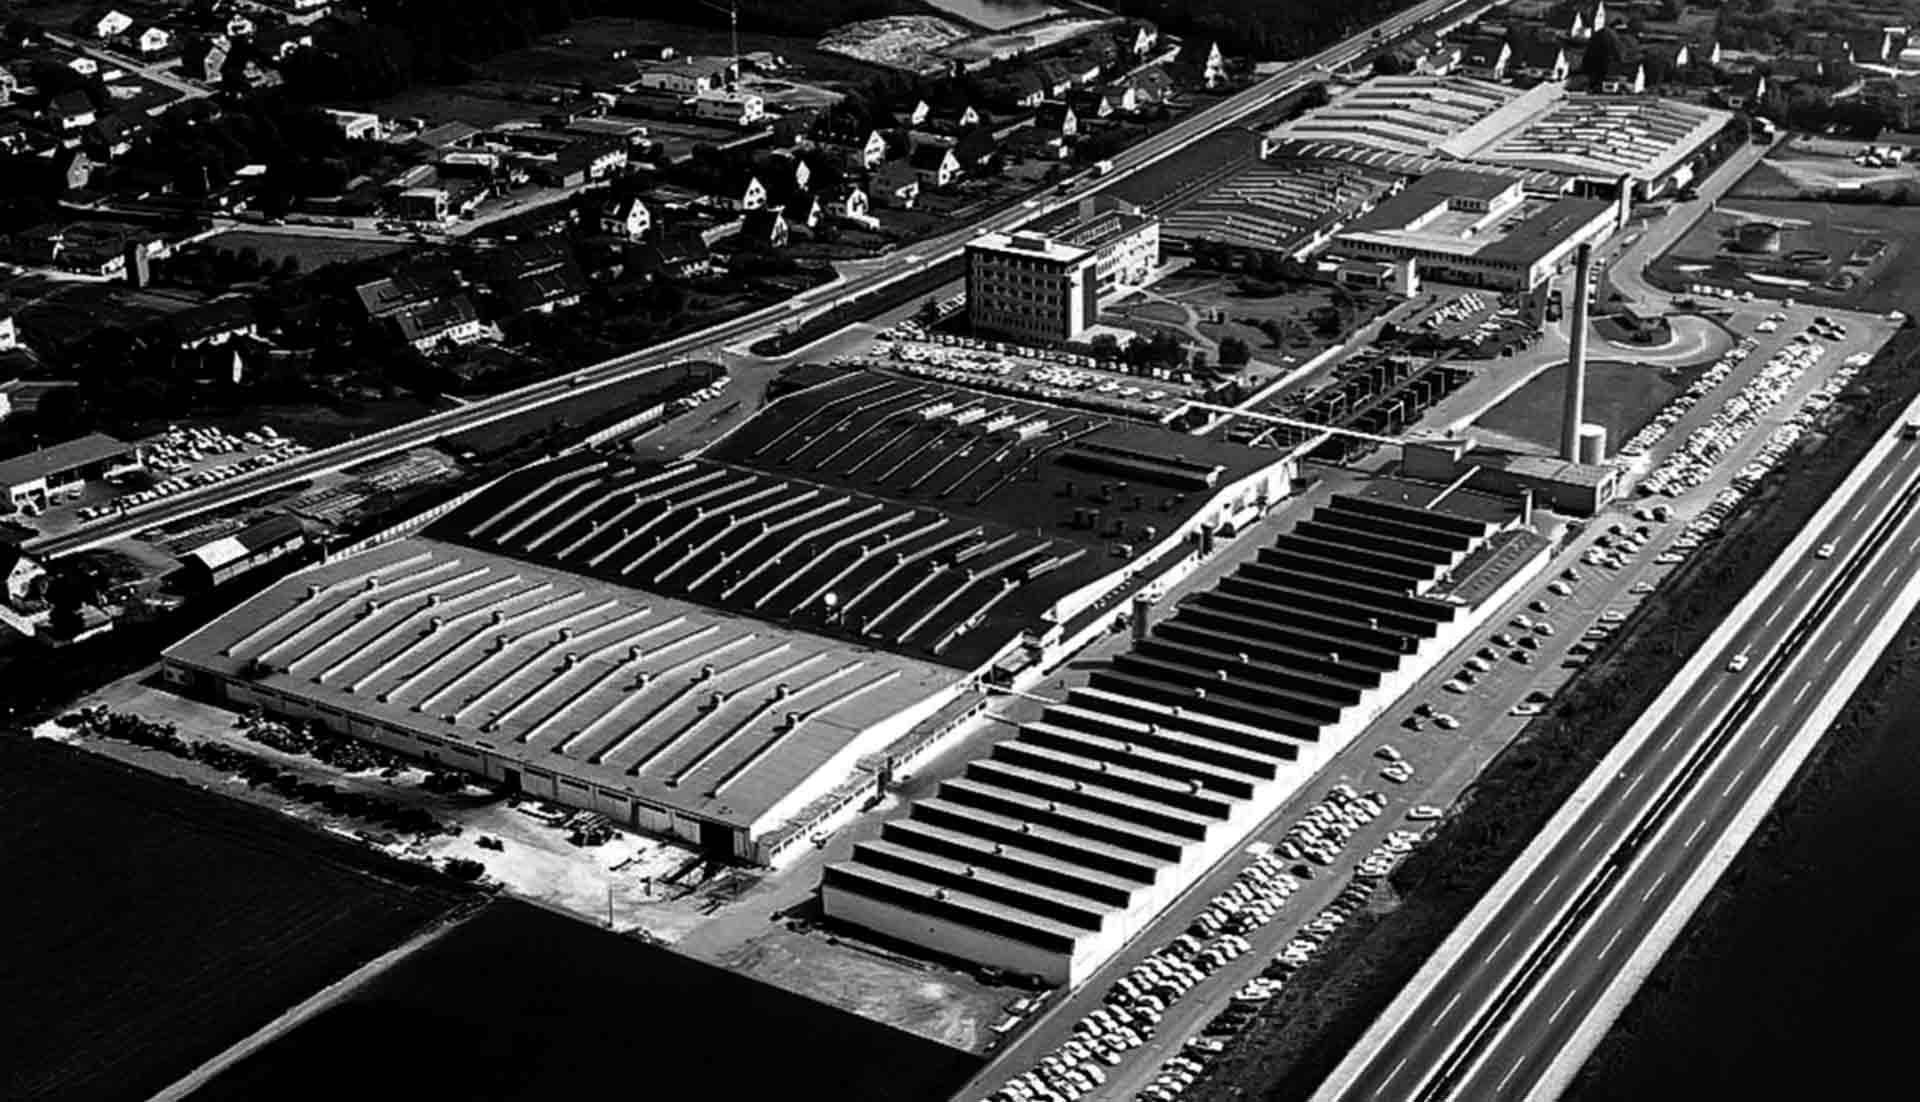 Bis 1970 ist das Werk Lohmar beeindruckend gewachsen: Die Verwaltung ist fünfgeschossig ausgebaut, vorne rechts die Shedhalle mit Lehrwerkstatt, dahinter das Heizkraftwerk mit Schornstein.